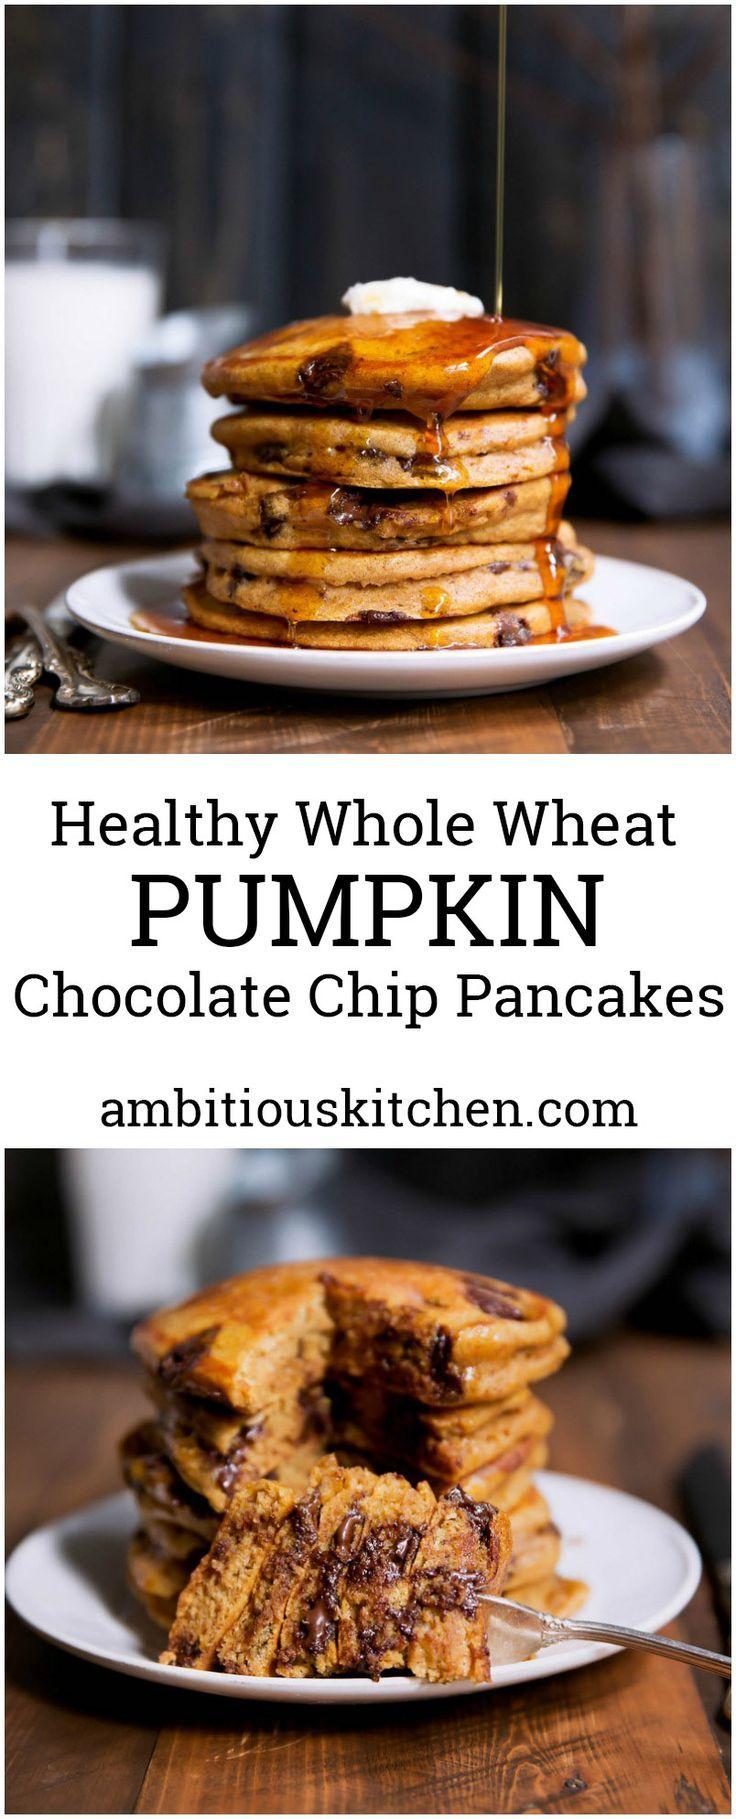 The 25+ best Pregnancy breakfast ideas on Pinterest ...